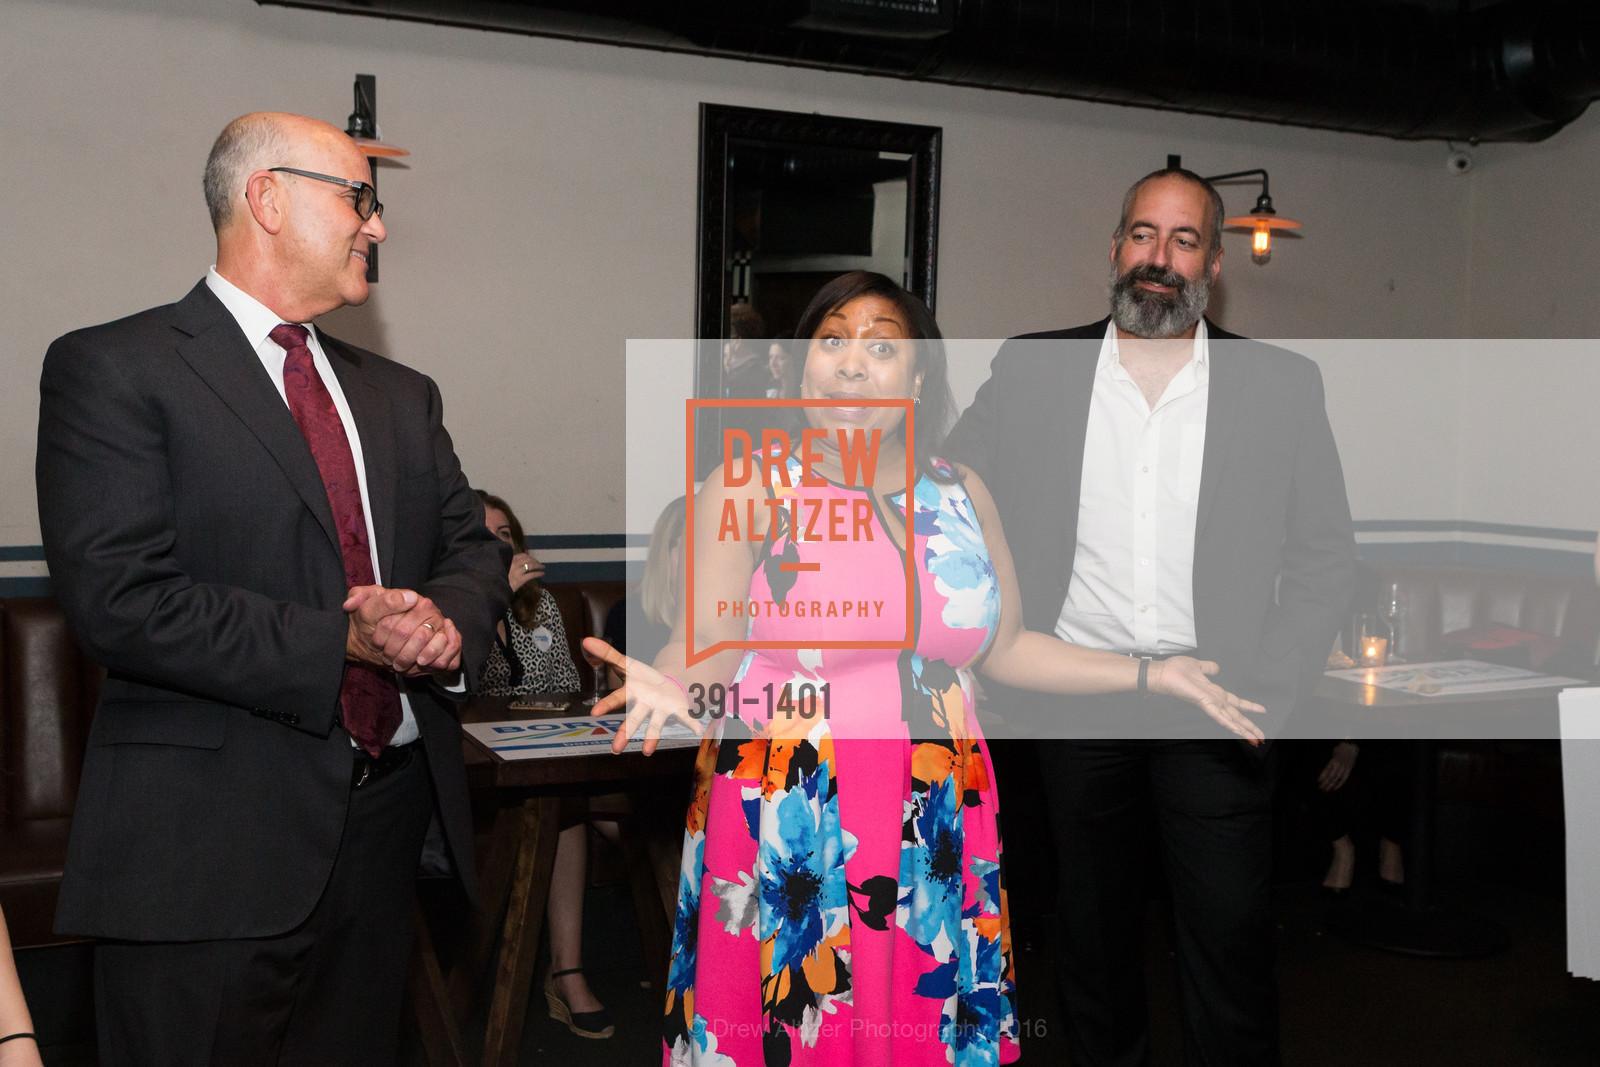 Jim Wunderman, Gwyneth Borden, Tom Radulovich, Photo #391-1401